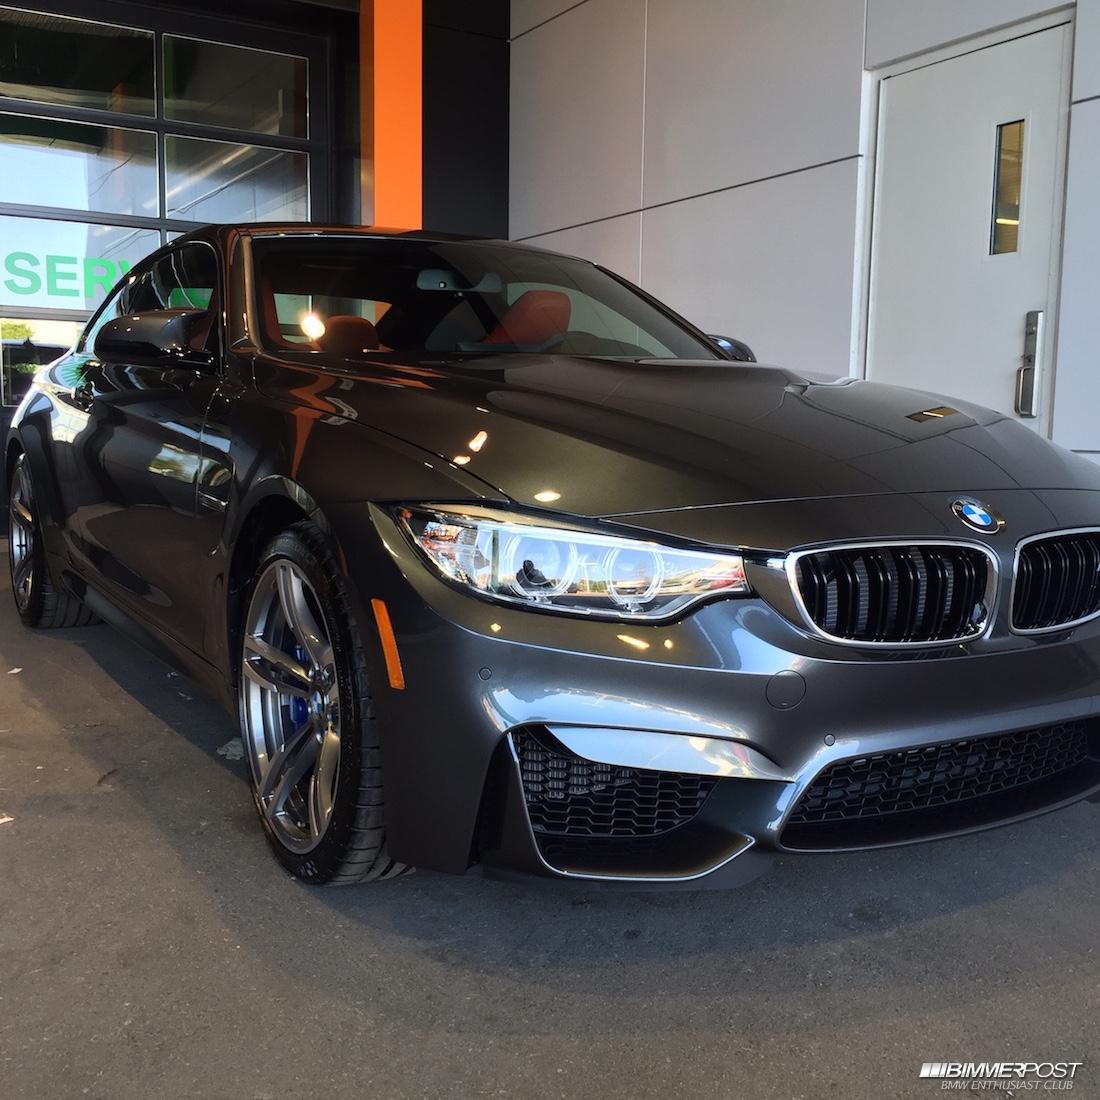 Bmw M4: Aboulfad's 2015 BMW M4